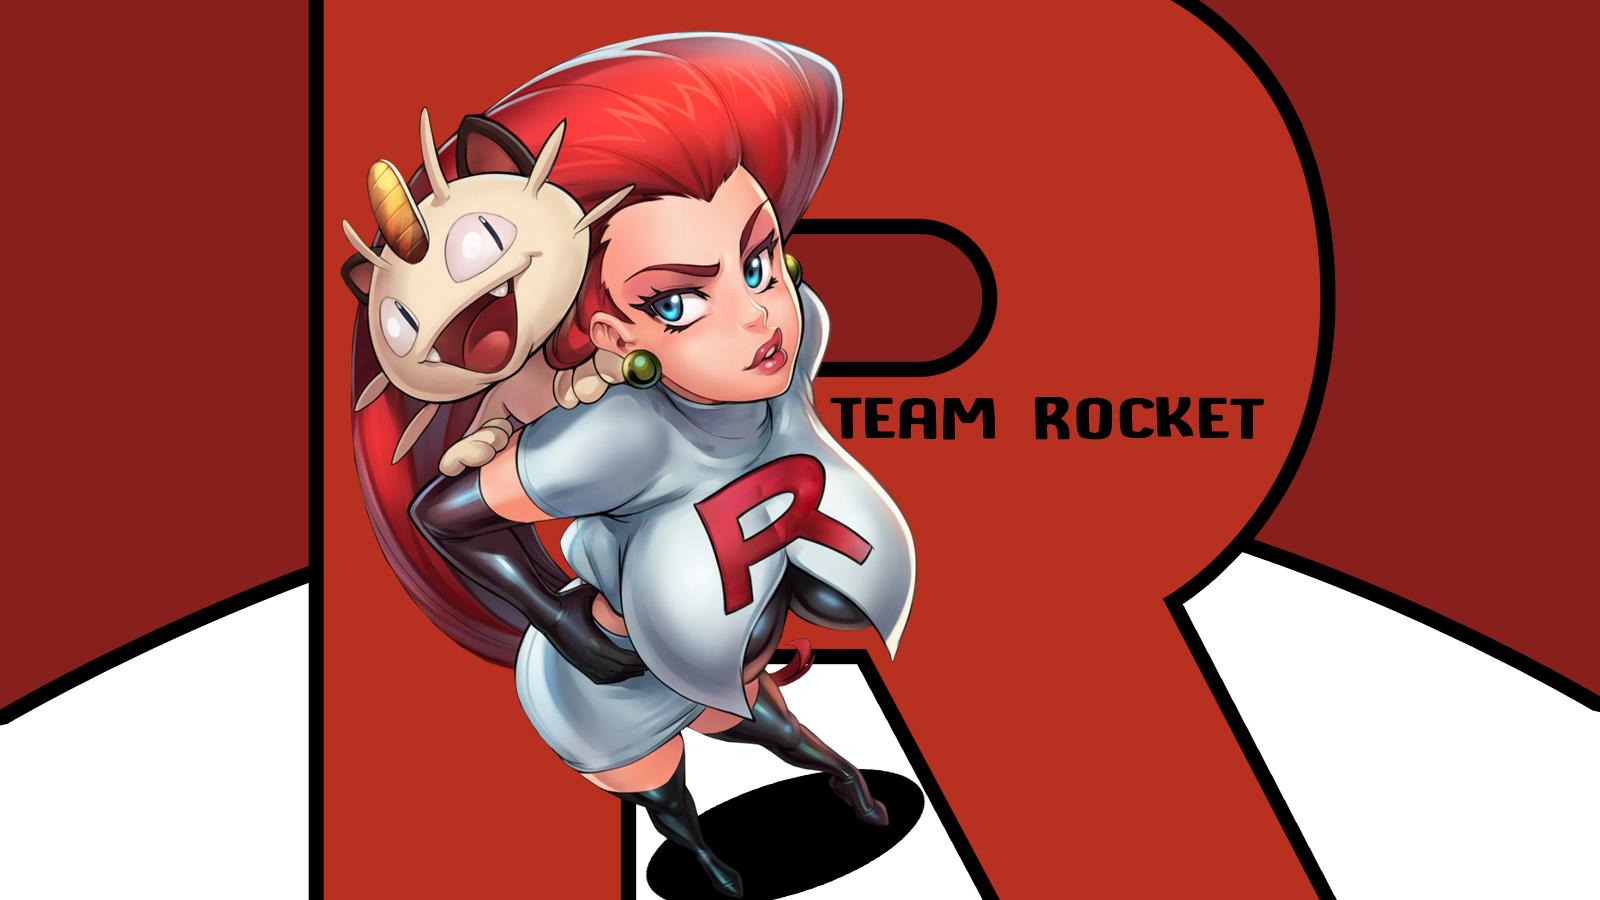 Team Rocket Wallpaper Wallpapersafari HD Wallpapers Download Free Images Wallpaper [1000image.com]